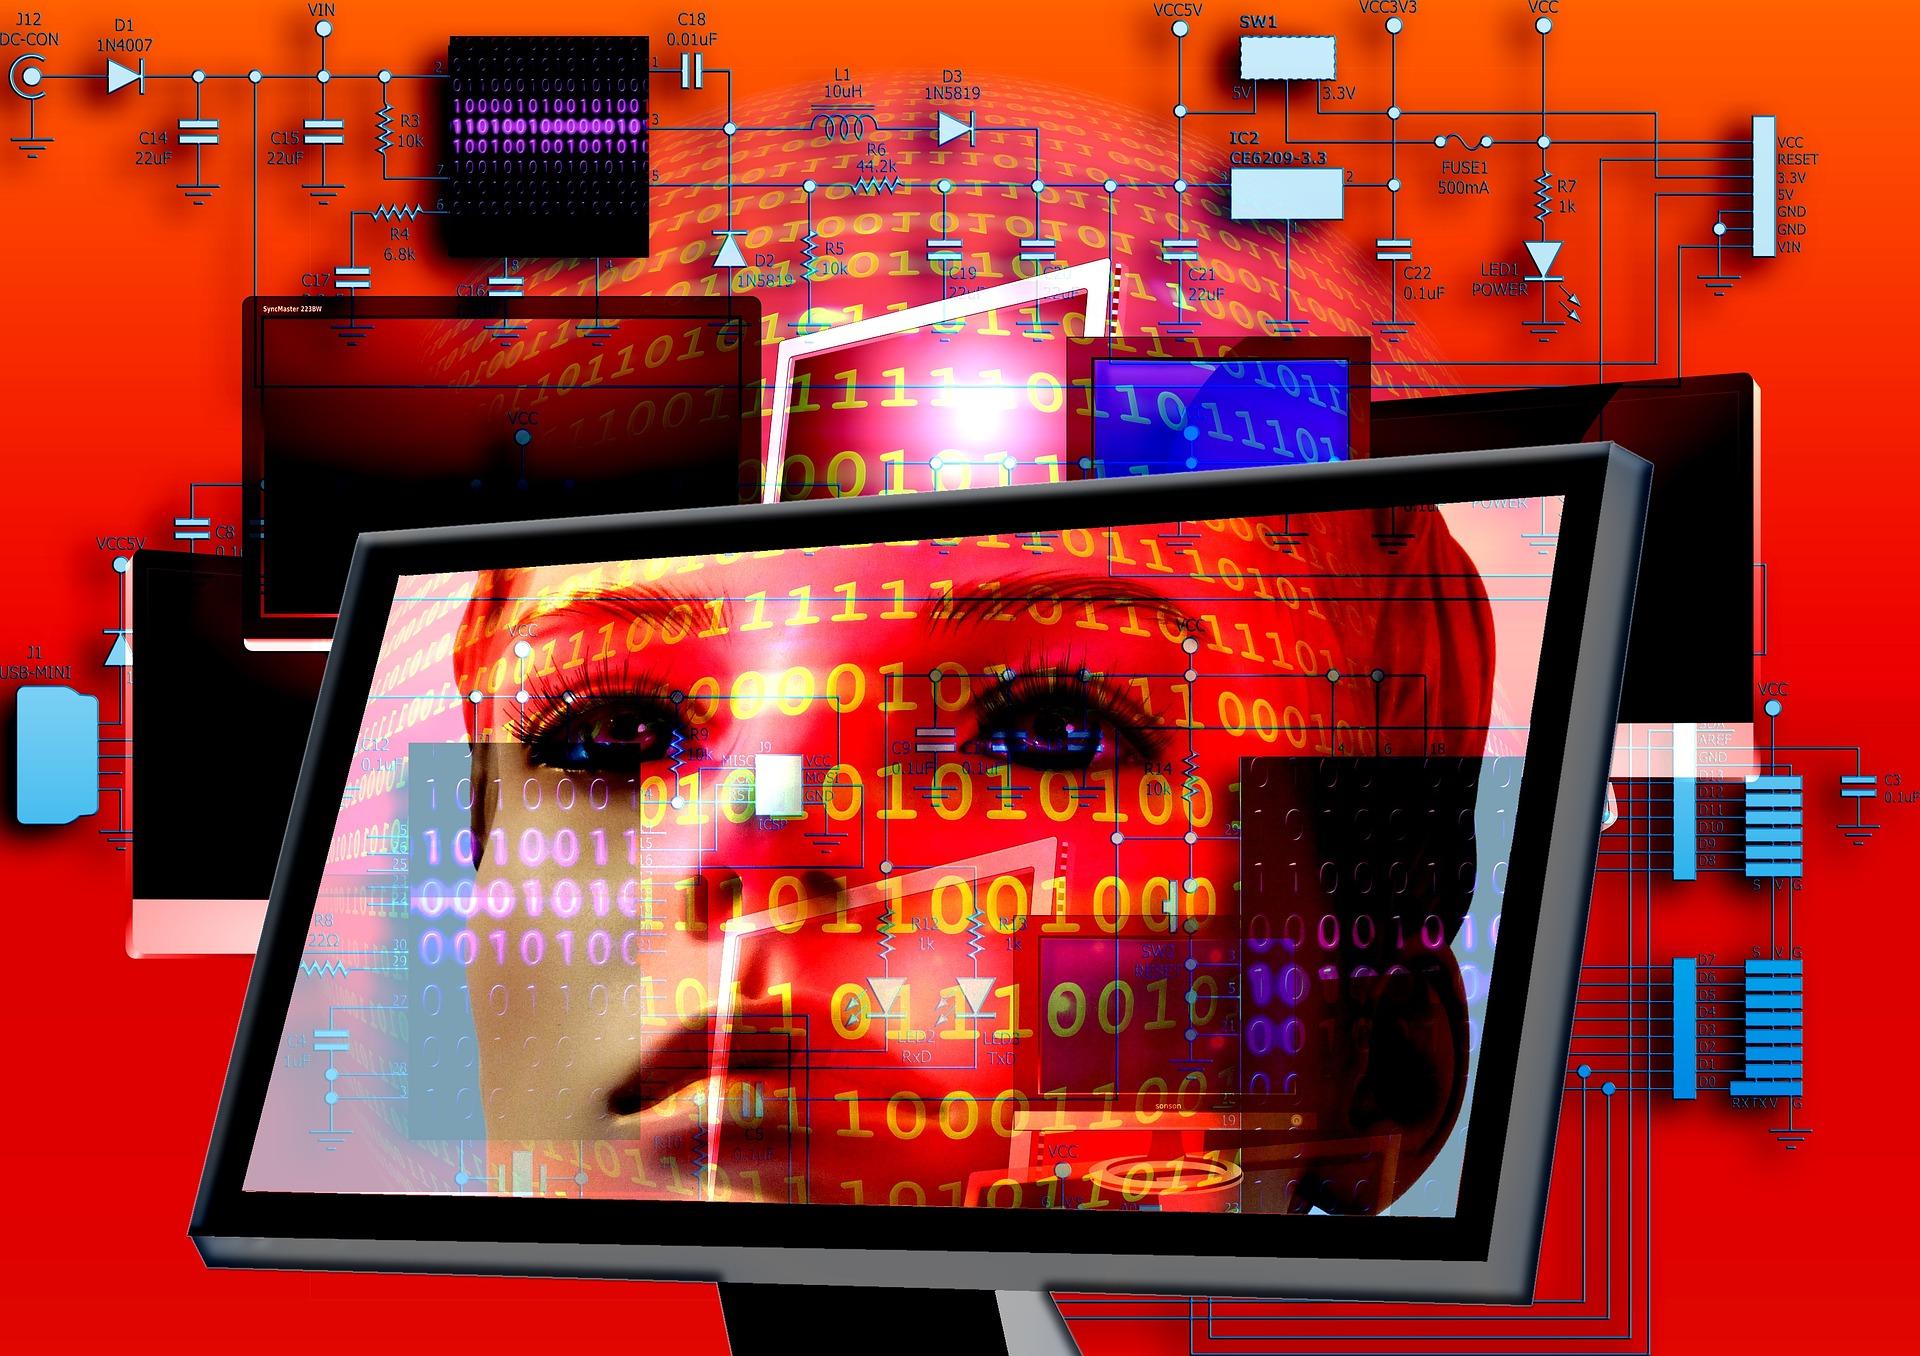 コンピューターに人の顔が写ってるね